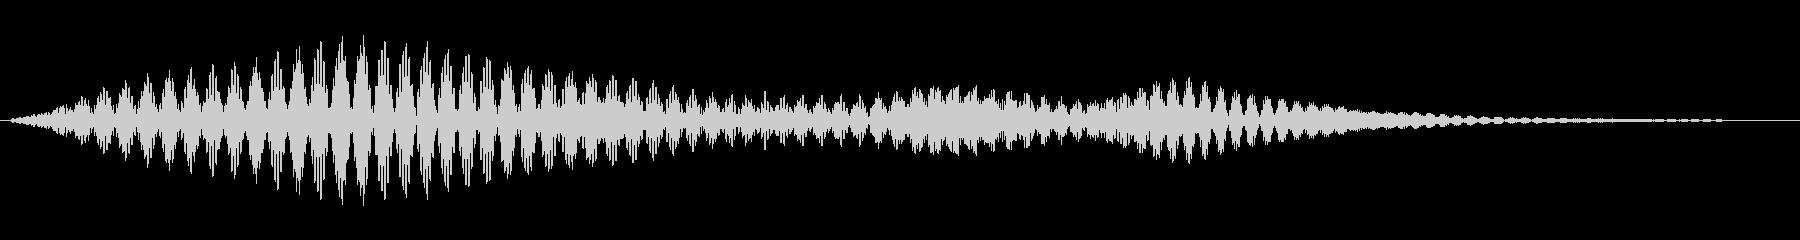 ブ〜ン↑(低いハスキー音)の未再生の波形